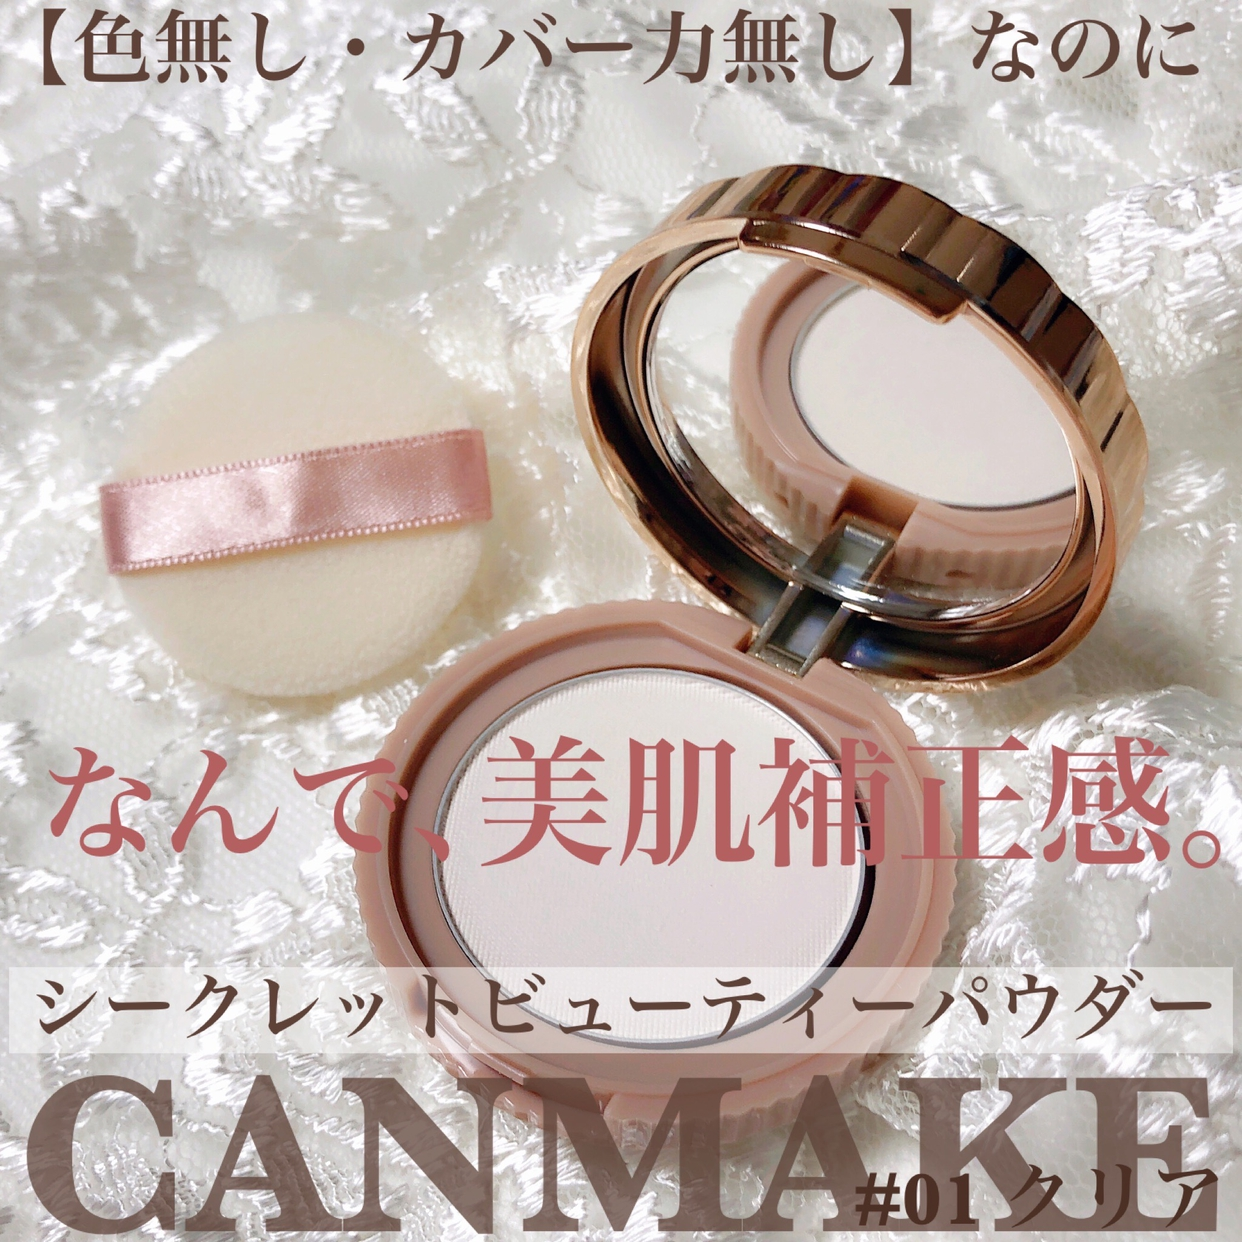 CANMAKE(キャンメイク) シークレットビューティーパウダーを使ったsatomiさんのクチコミ画像